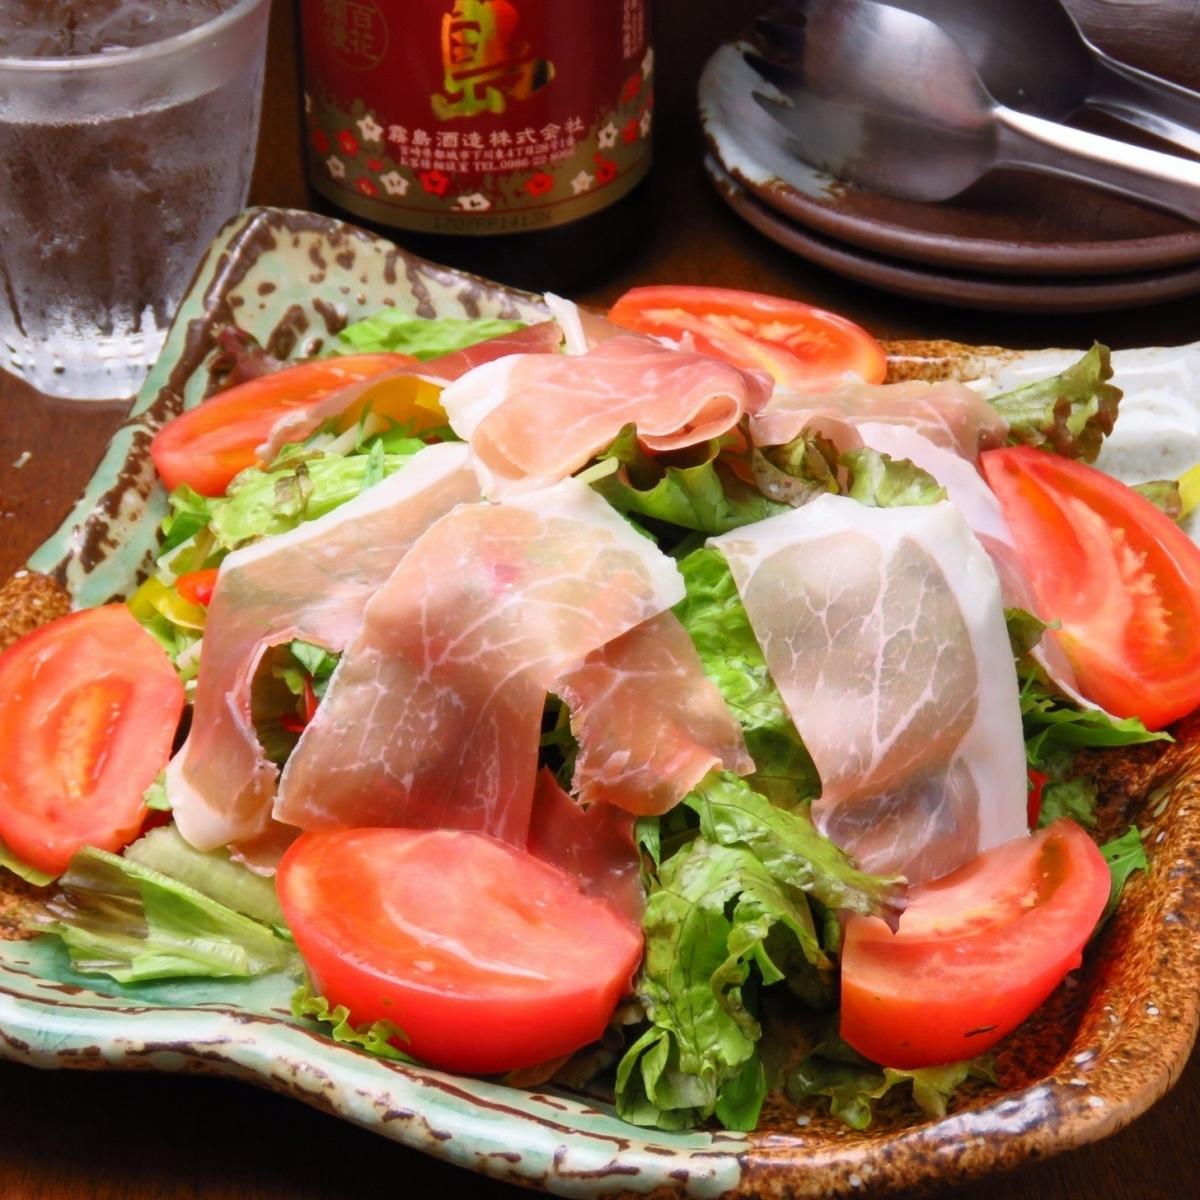 生ハムとトマトのシーザーサラダ